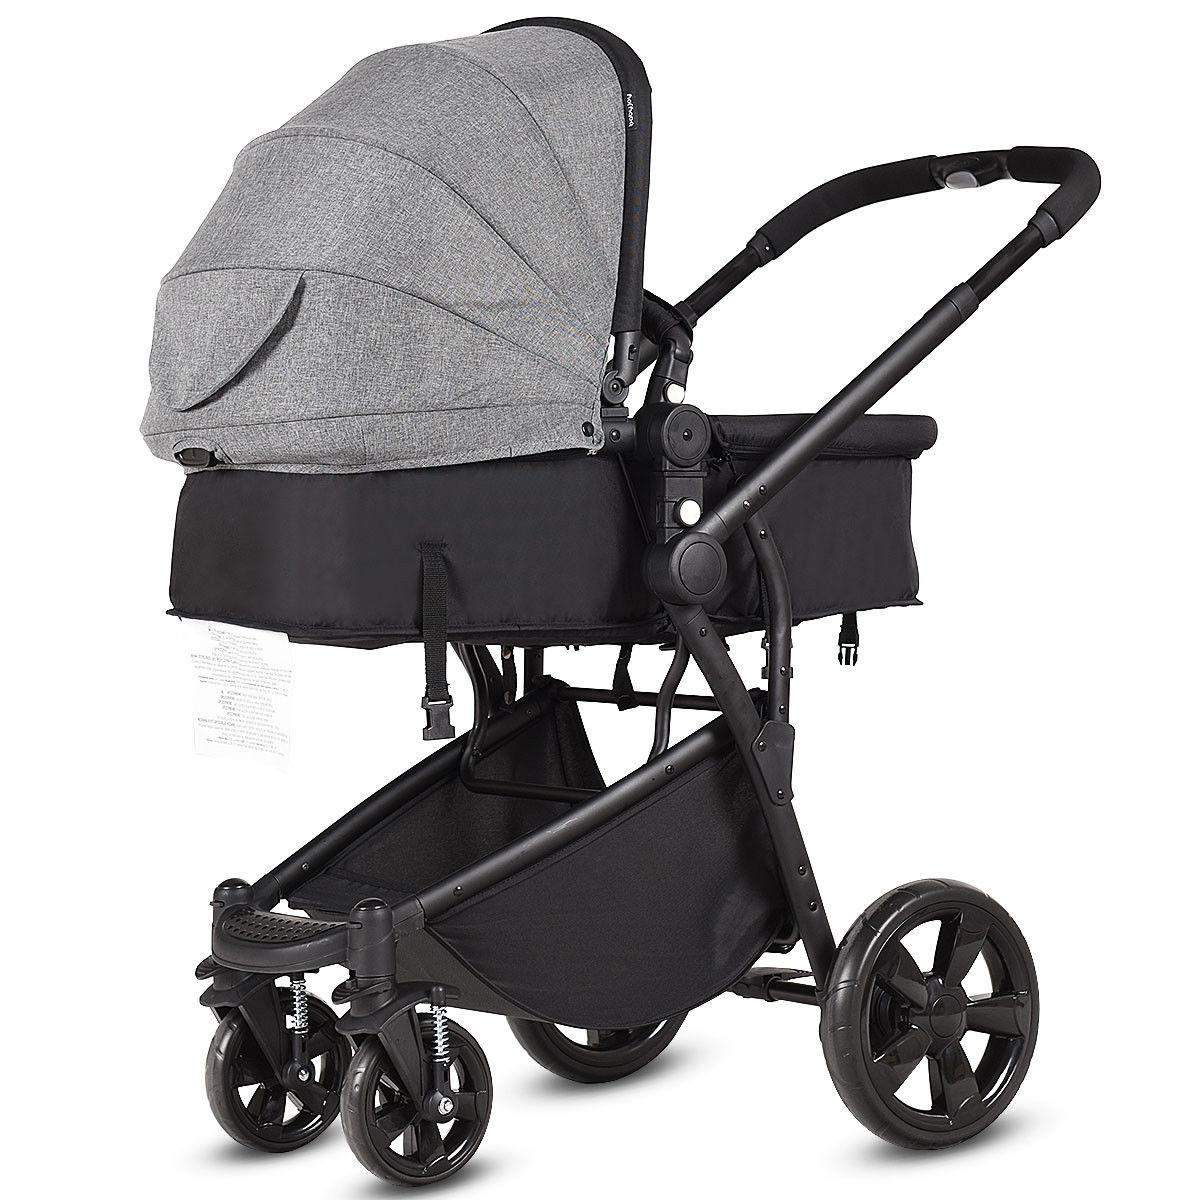 2-in-1 Folding Aluminum Buggy Newborn Travel Baby Stroller